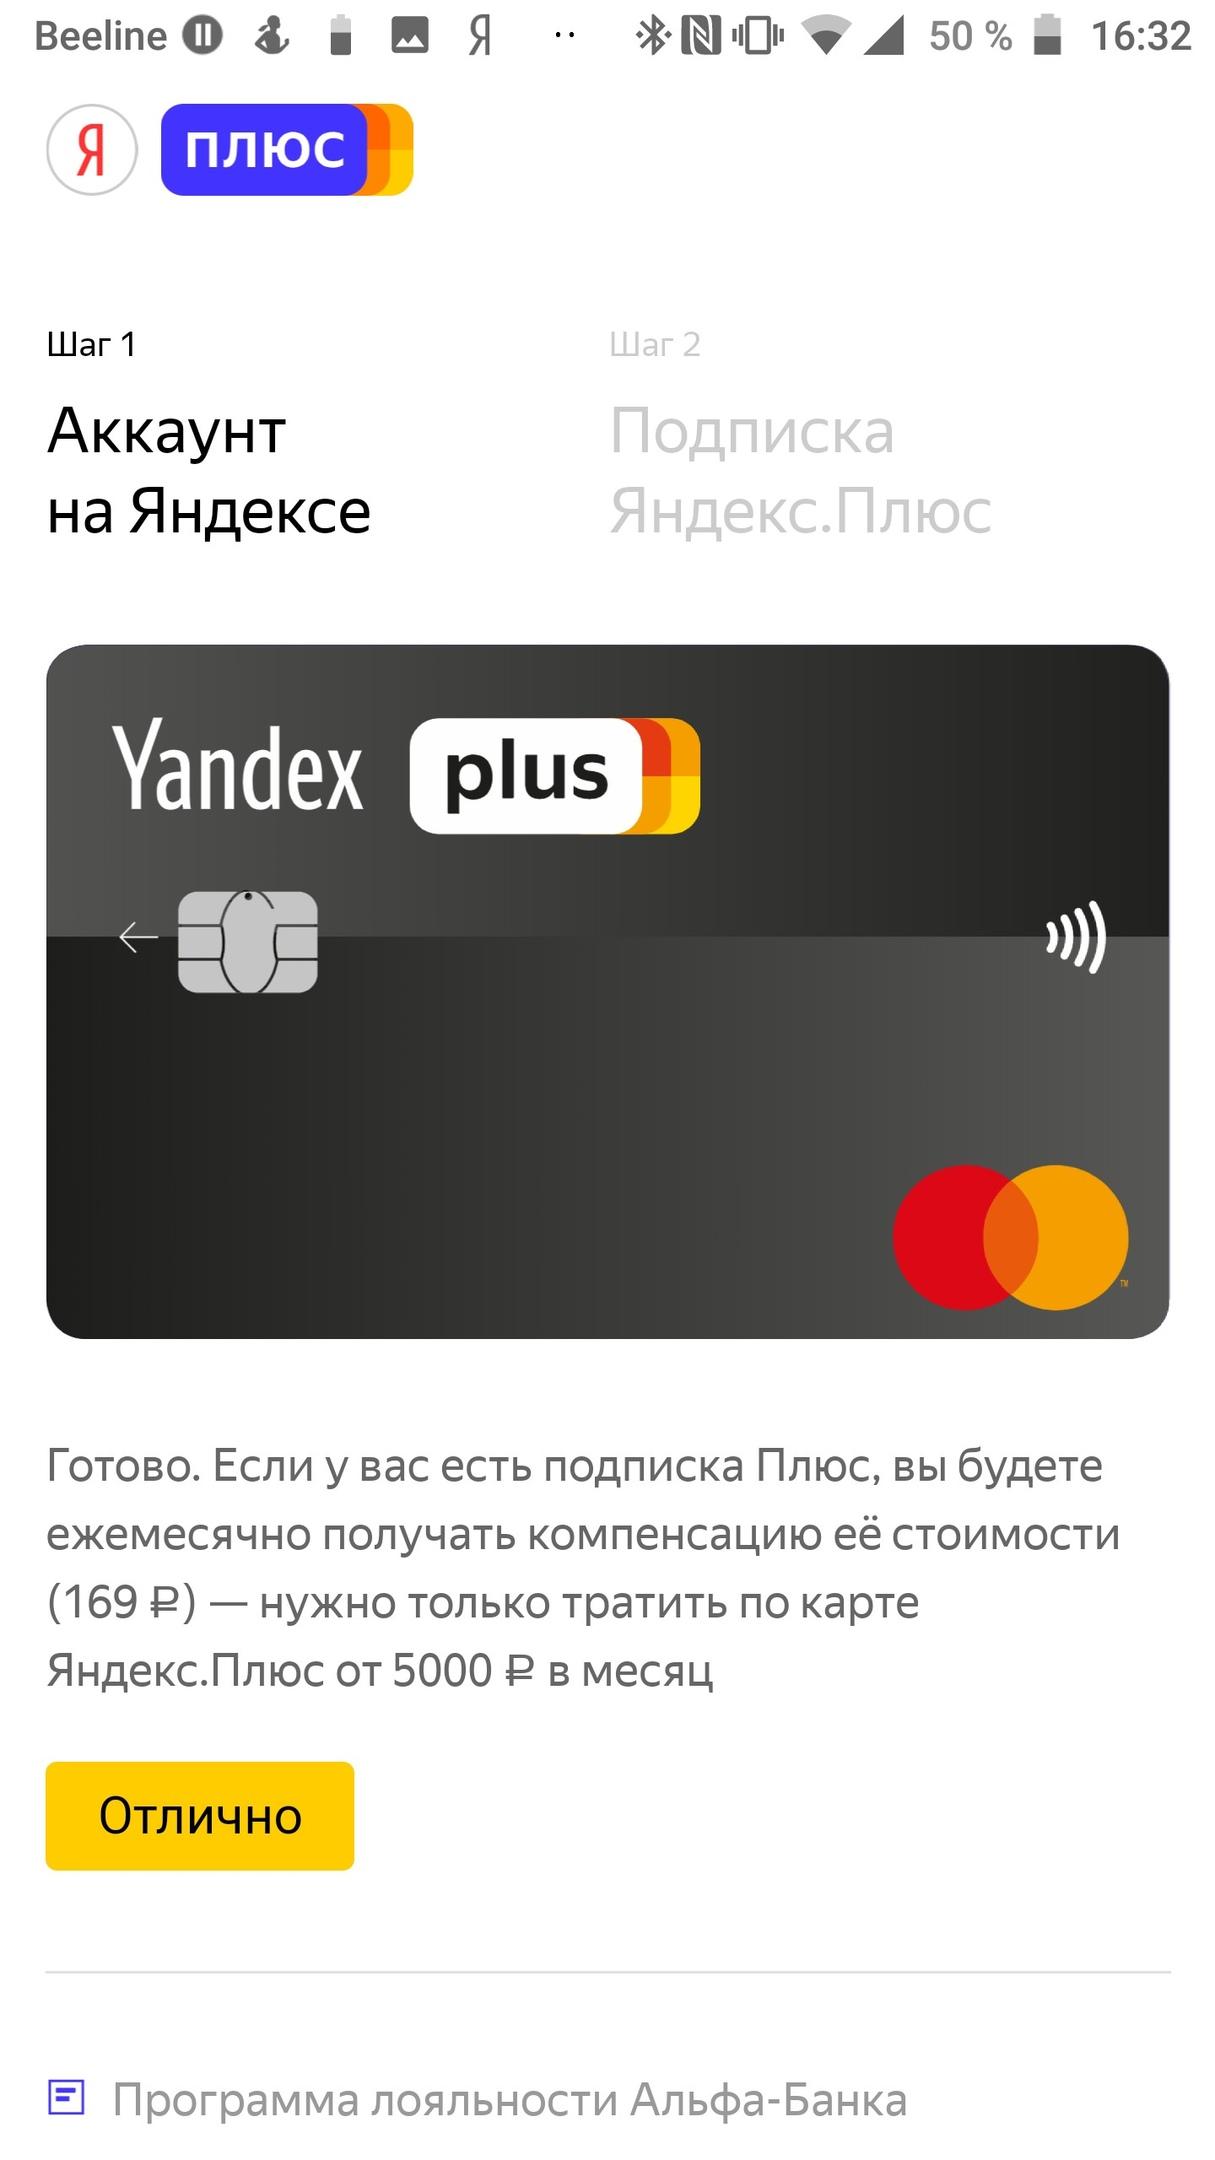 Оформить кредитную карту тинькофф через интернет с доставкой на дом москва